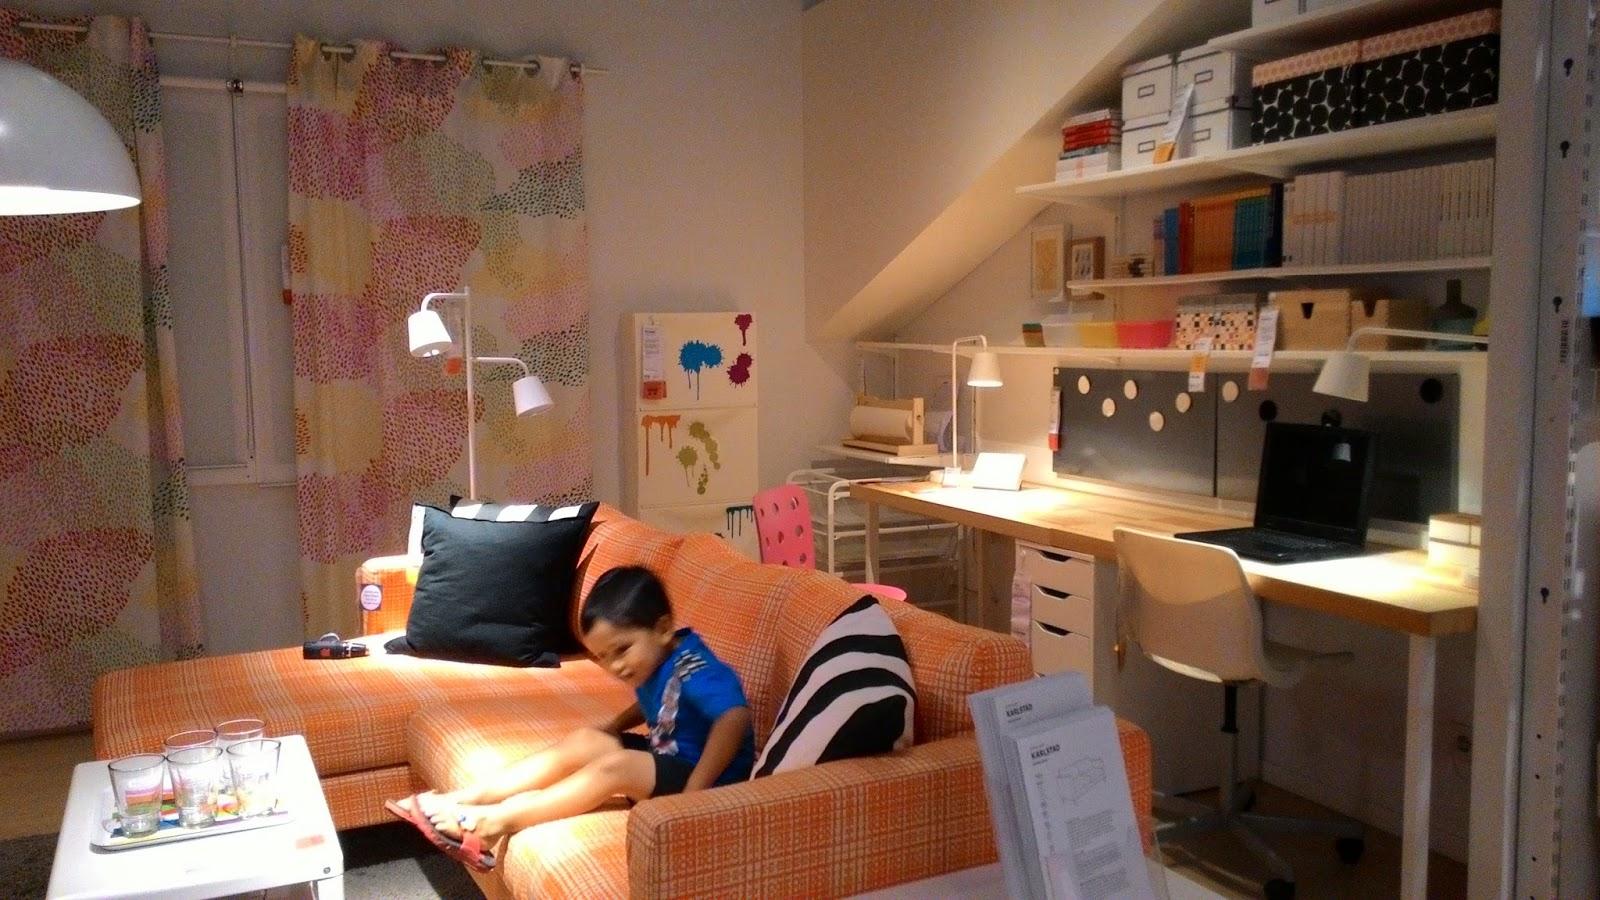 70 Desain Rumah Minimalis Ikea Desain Rumah Minimalis Terbaru